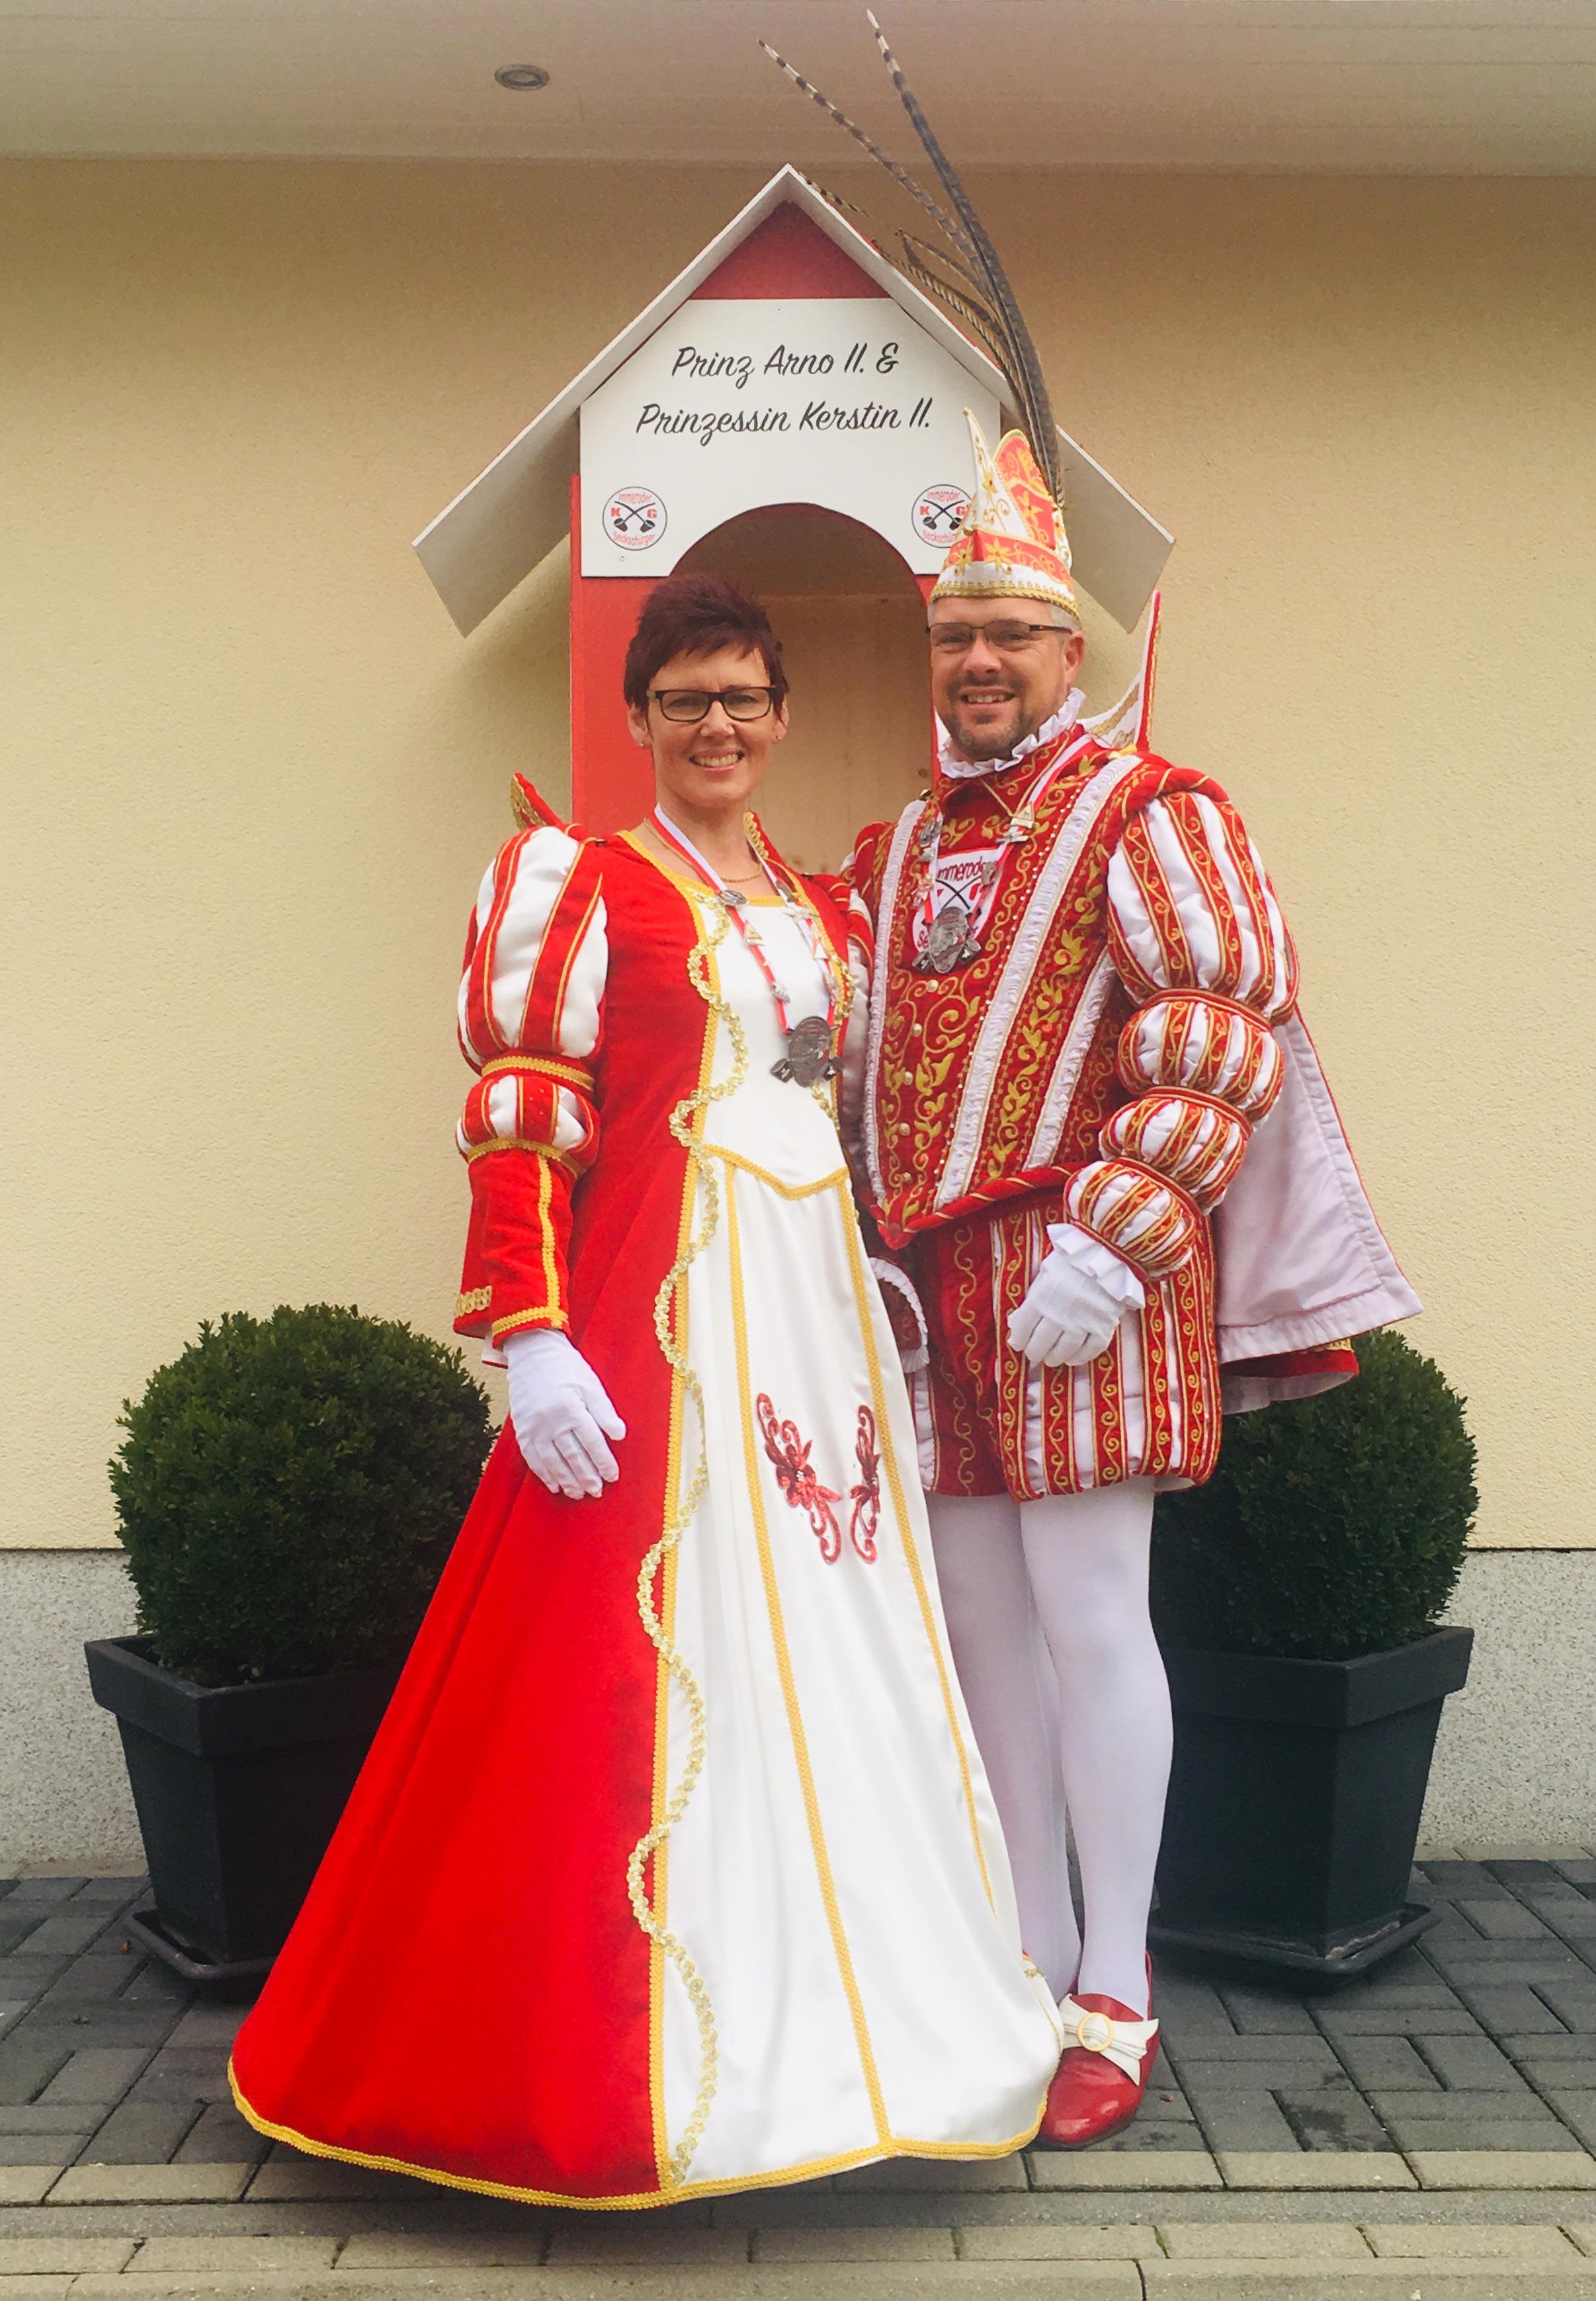 Prinzenpaar 2018/2019